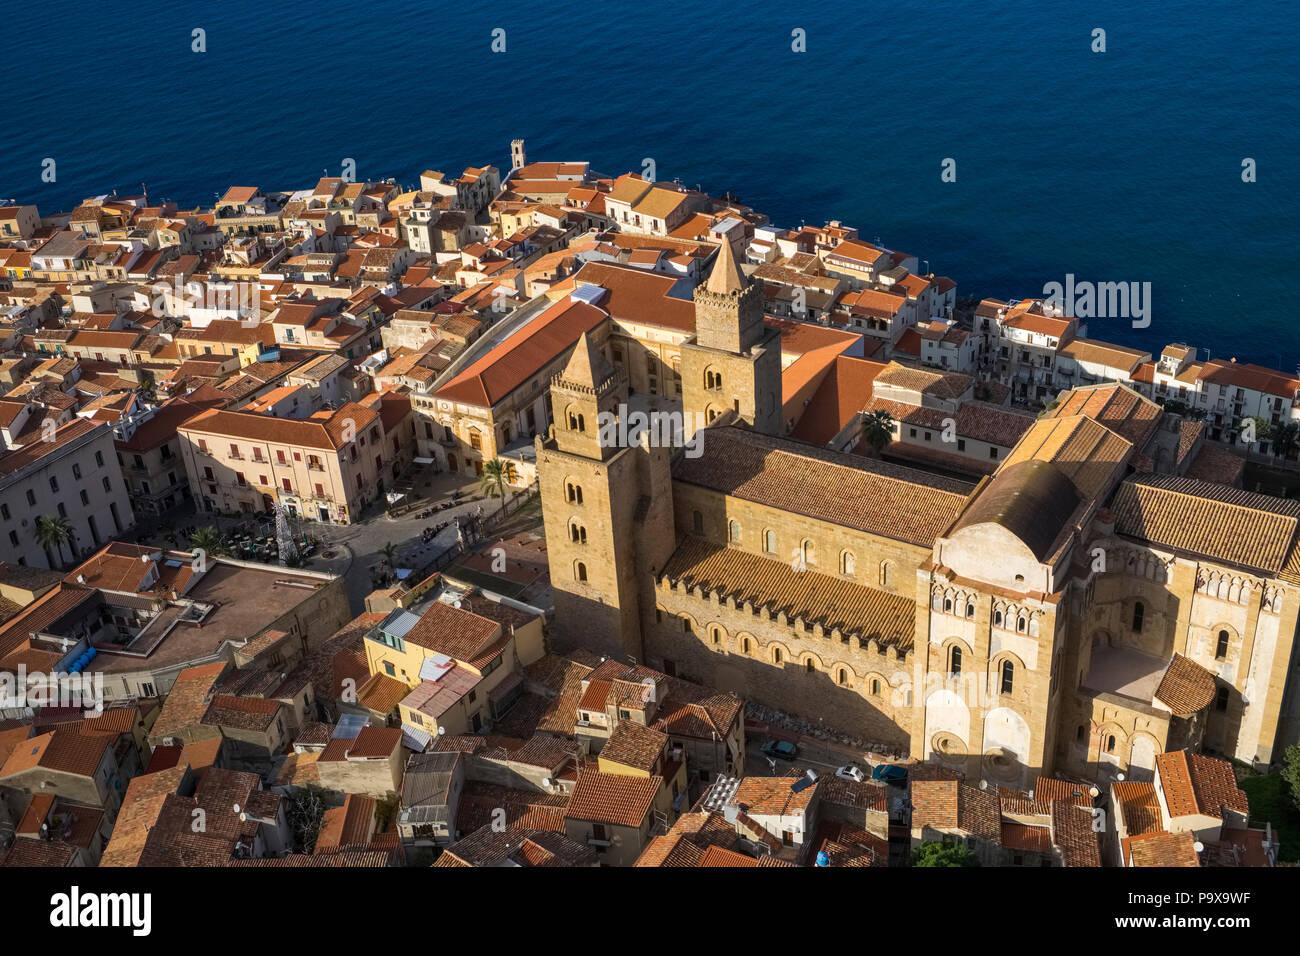 Vue aérienne de la cathédrale de Cefalù et les toits rouges de l'architecture des bâtiments, Cefalù, Sicile, Italie, Europe Photo Stock